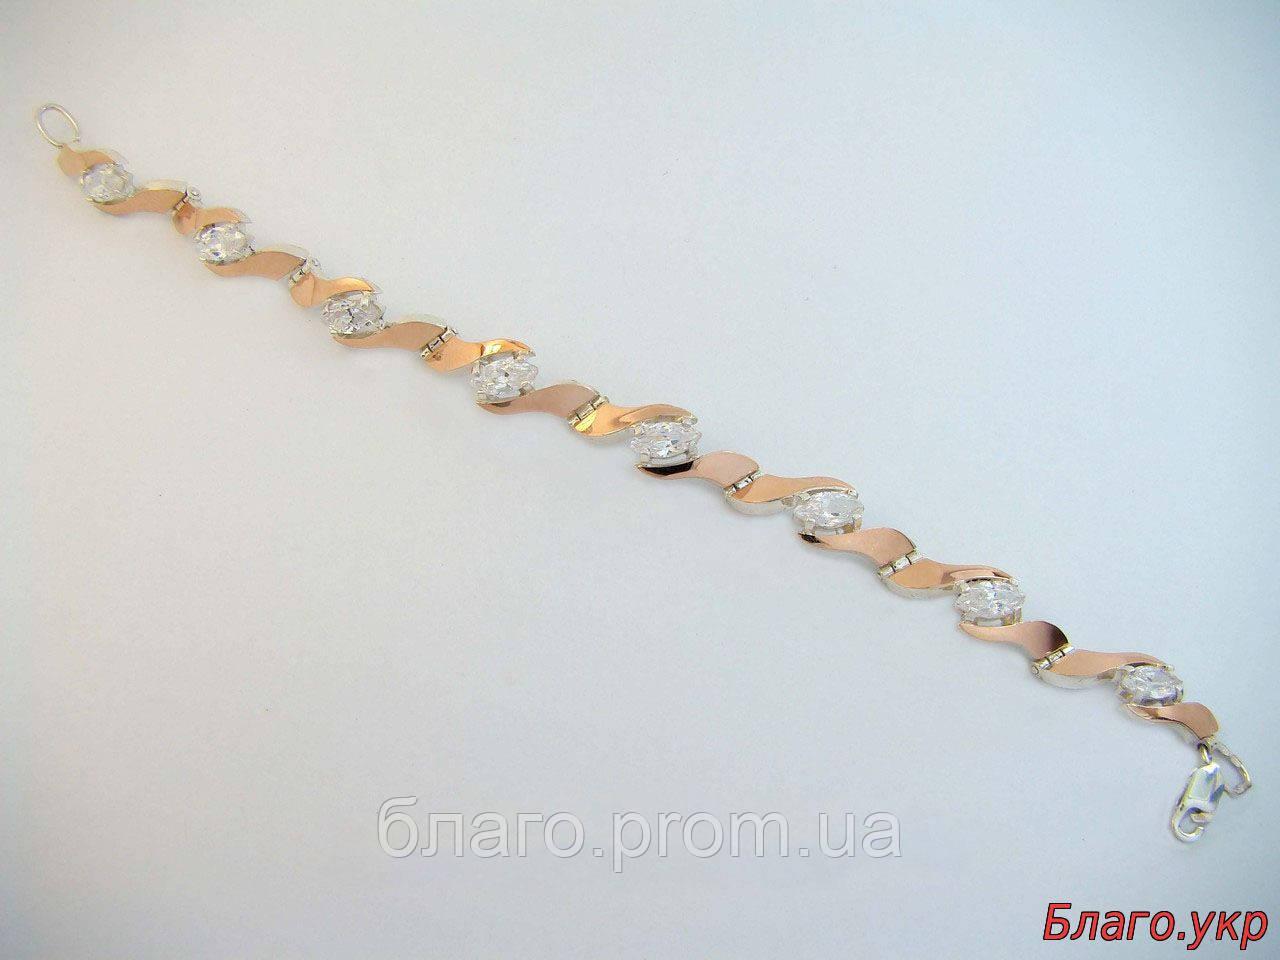 """Браслет """"Розетта"""" серебряный с золотыми накладками женский"""